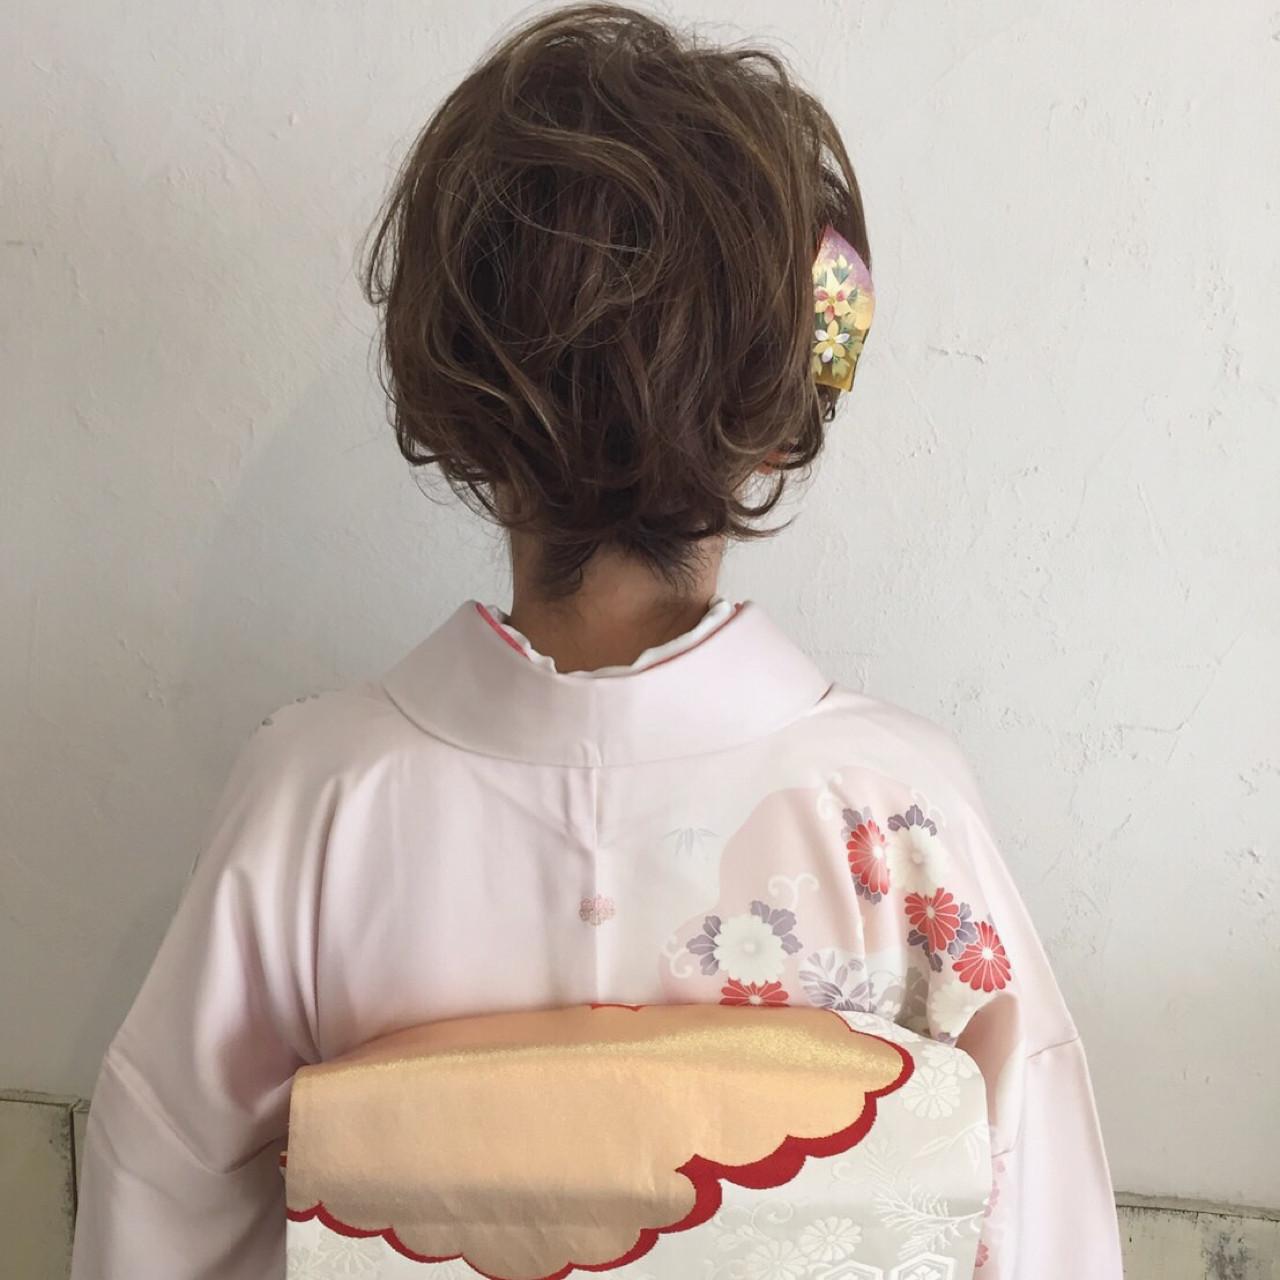 【髪型カタログ】着物に似合うショートのおすすめ髪型アレンジ特集 ange maco